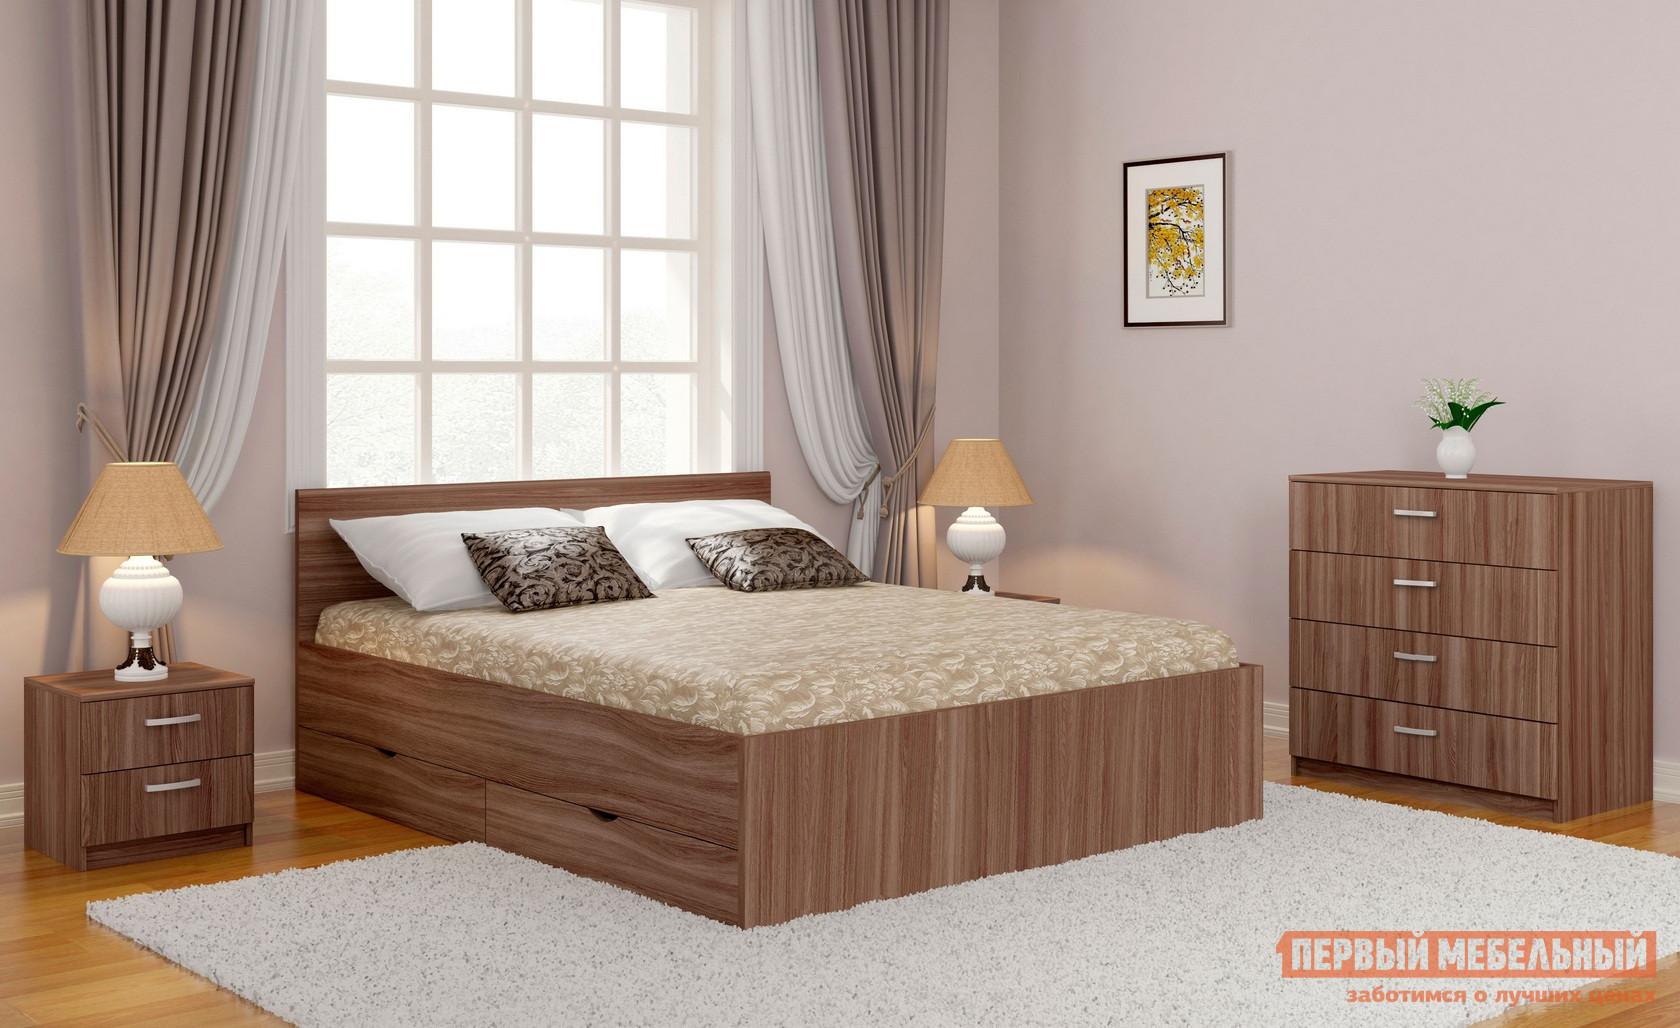 Двуспальная кровать Боровичи Дрим